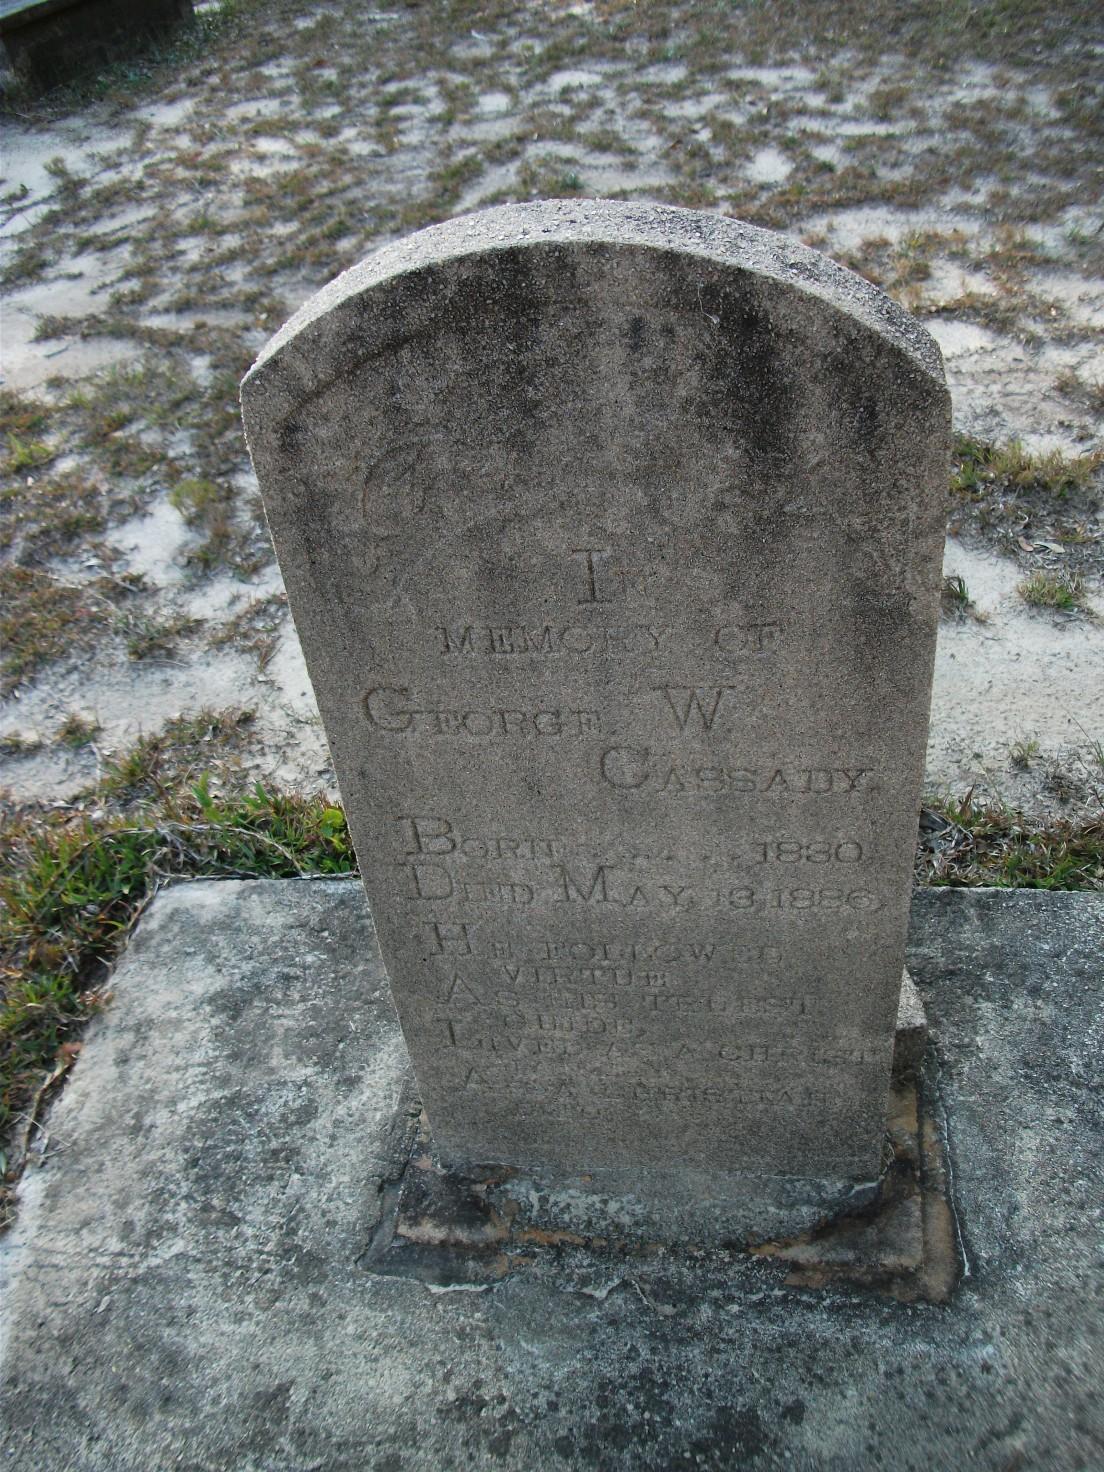 George Washington Cassady